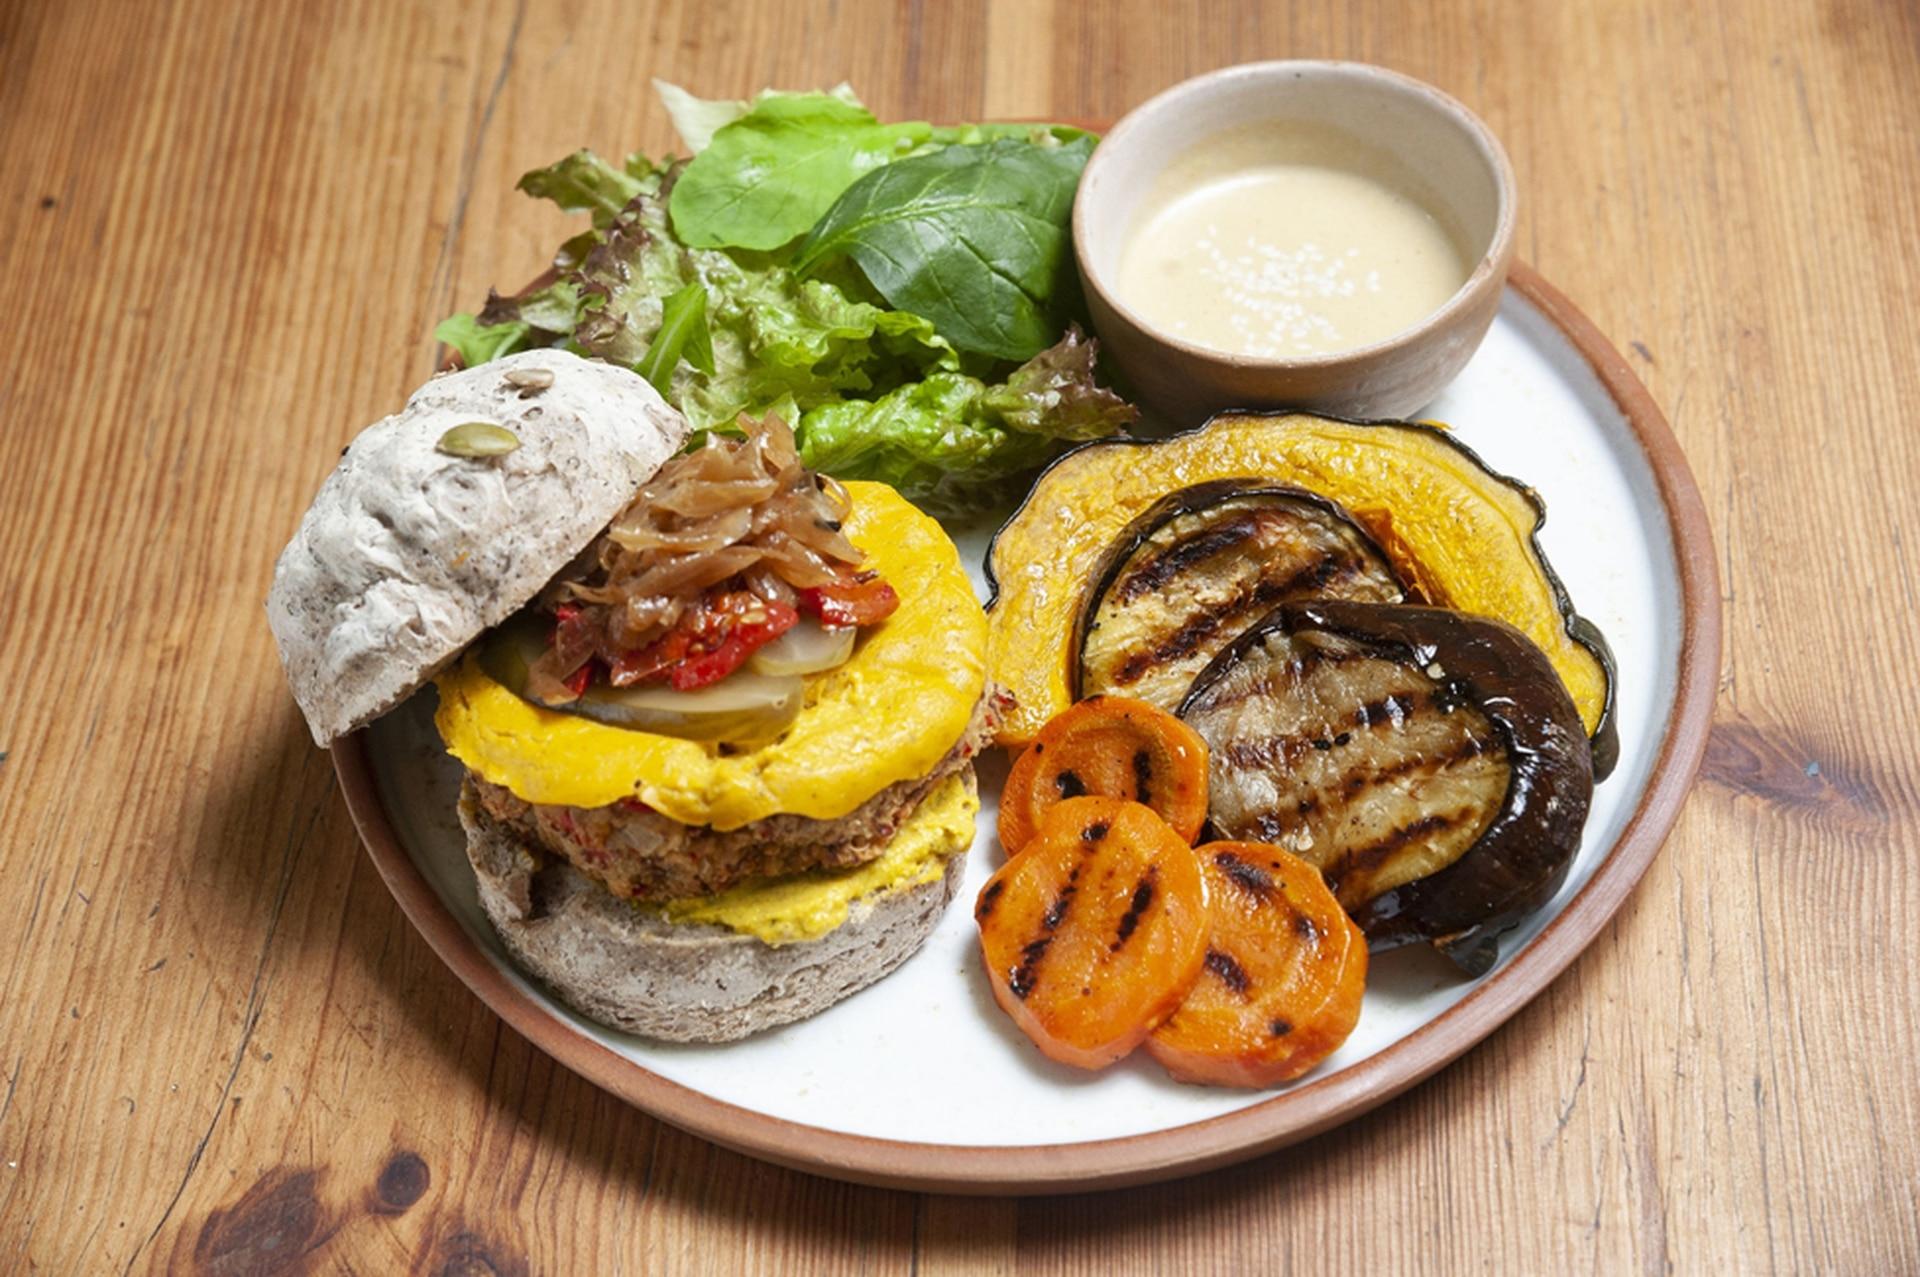 Hamburguesa vegana con vegetales de estación en Eggs&Greens